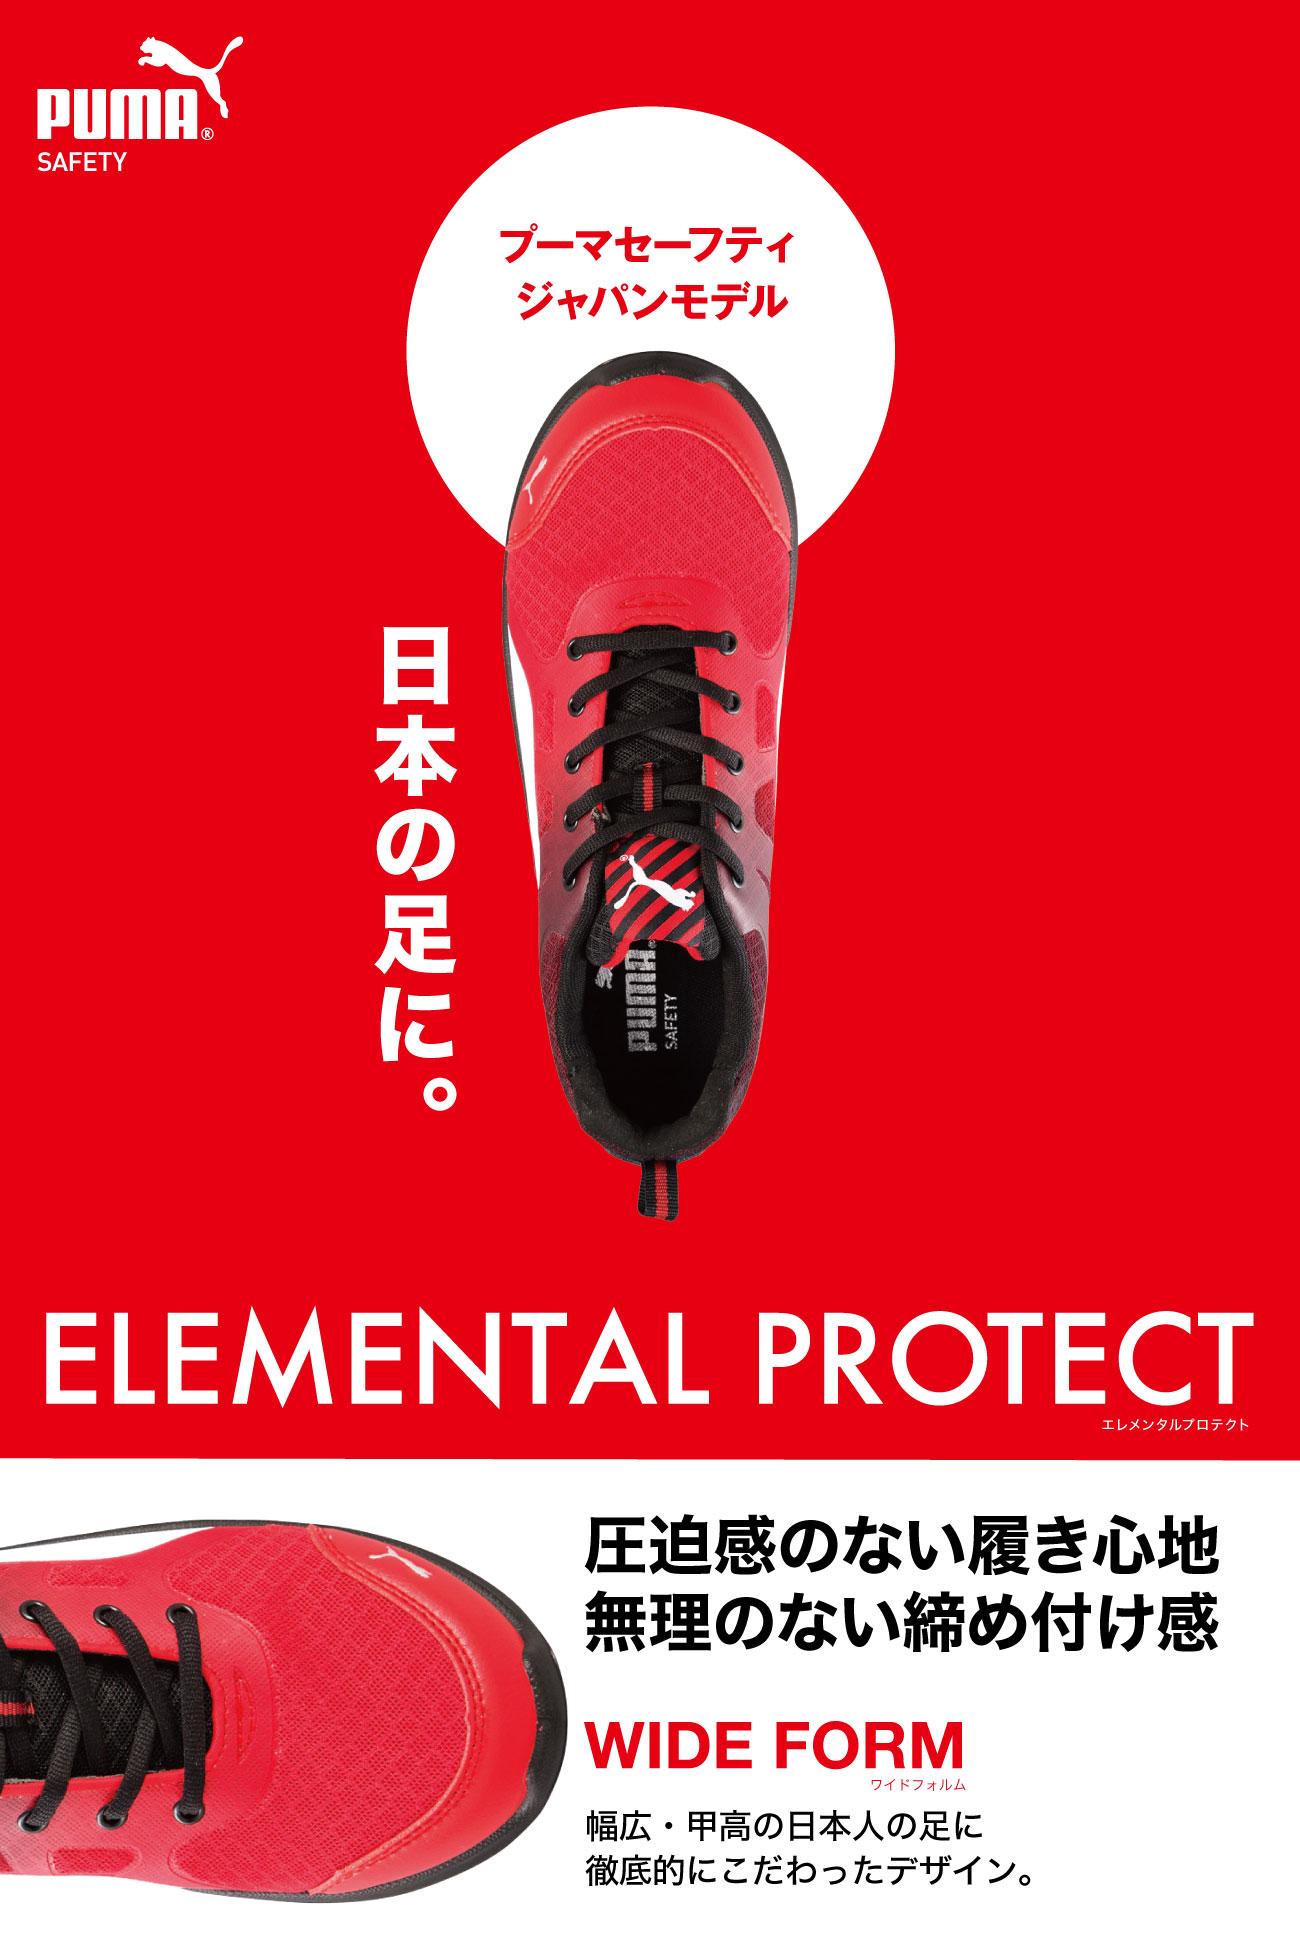 ELEMENTAL PROTECT(エレメンタルプロテクト)。日本の足に。ジャパンオリジナルモデル登場。[PUMA SAFETY]